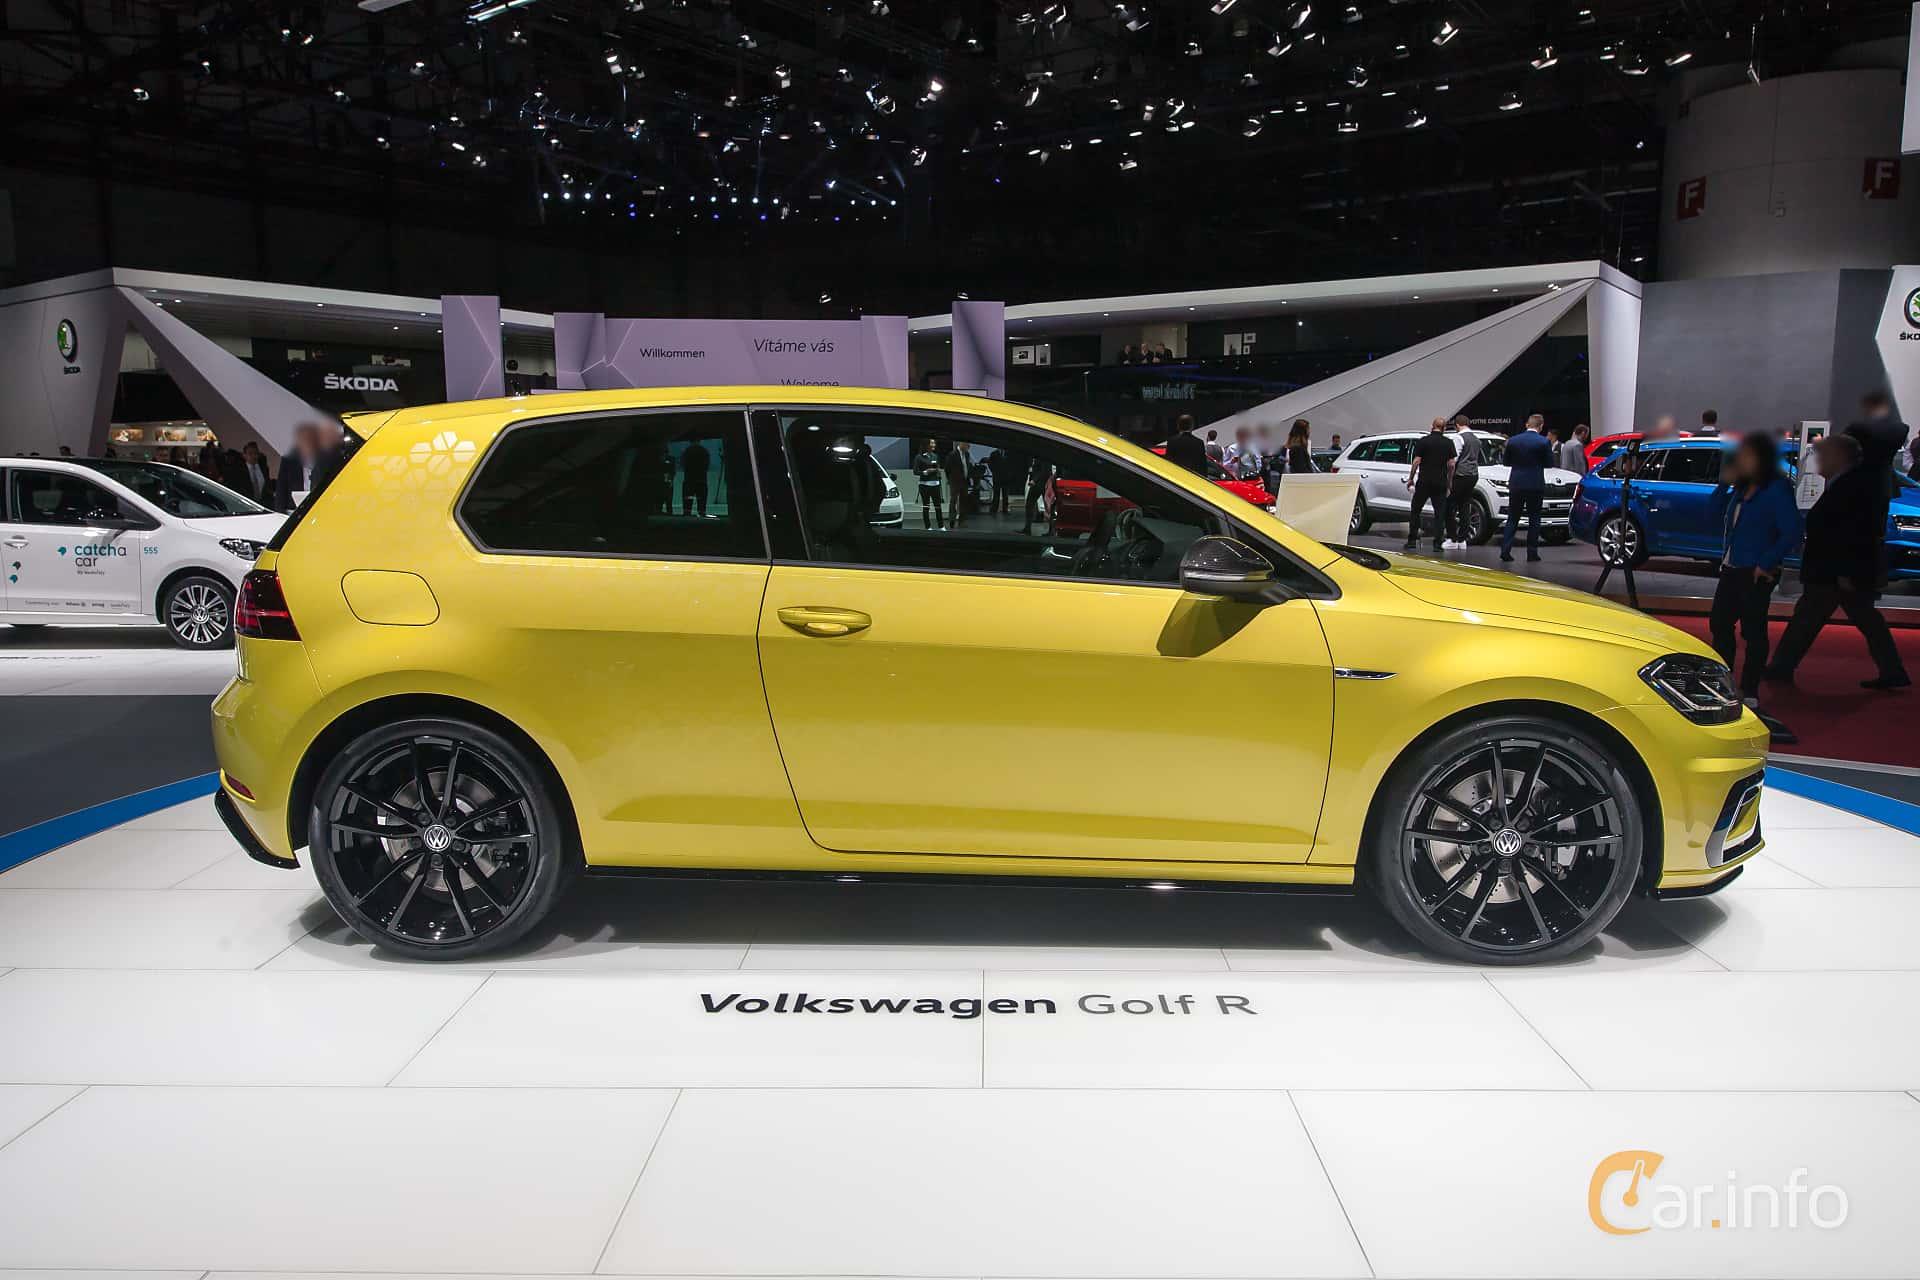 Images Of Volkswagen Golf R Door Motion DSG Sequential - Meca car show